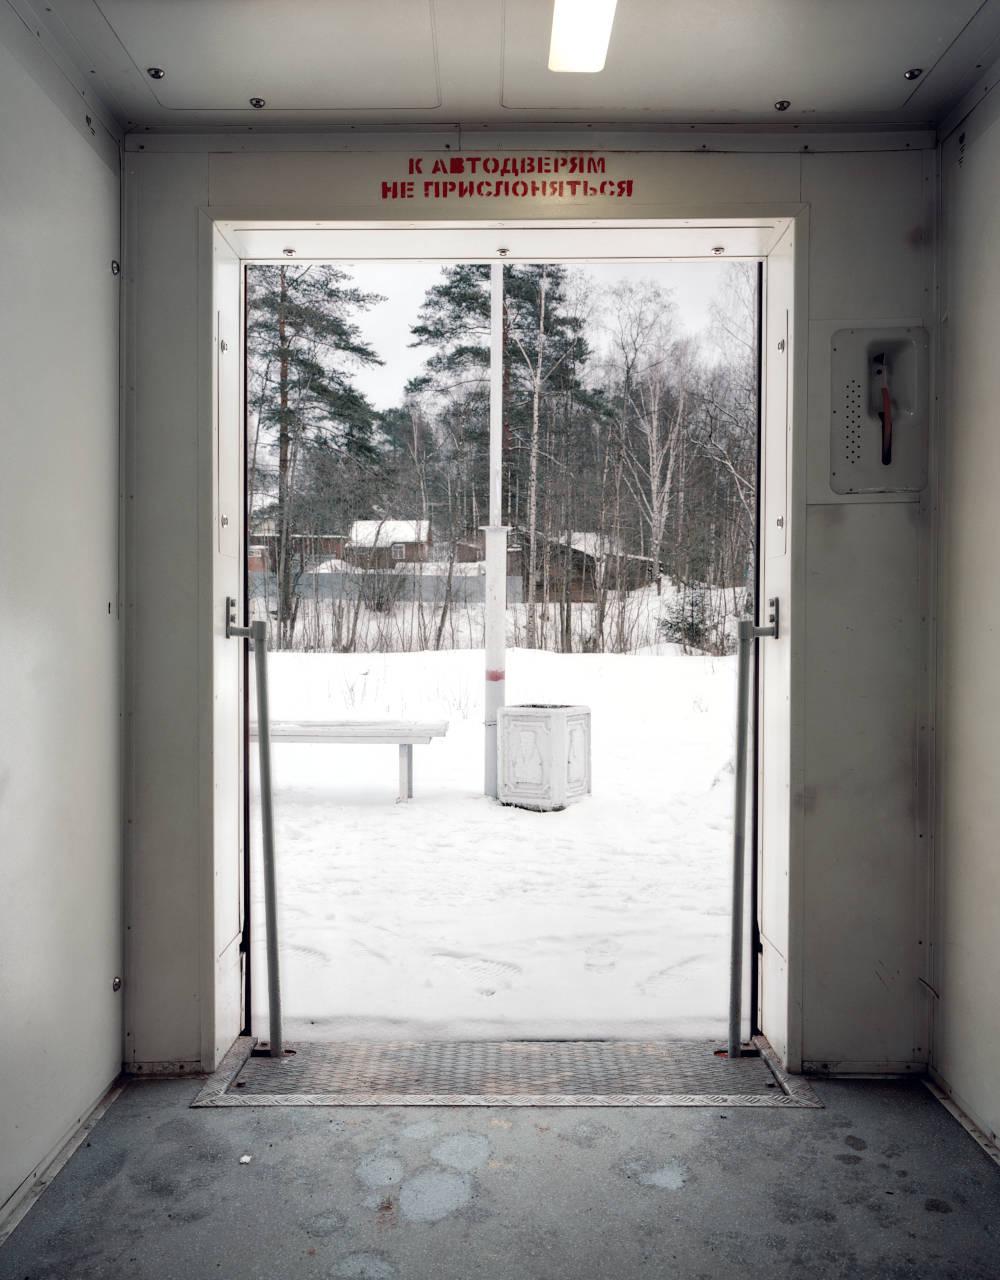 Стансы - Жихарево / Stances - Gikharevo